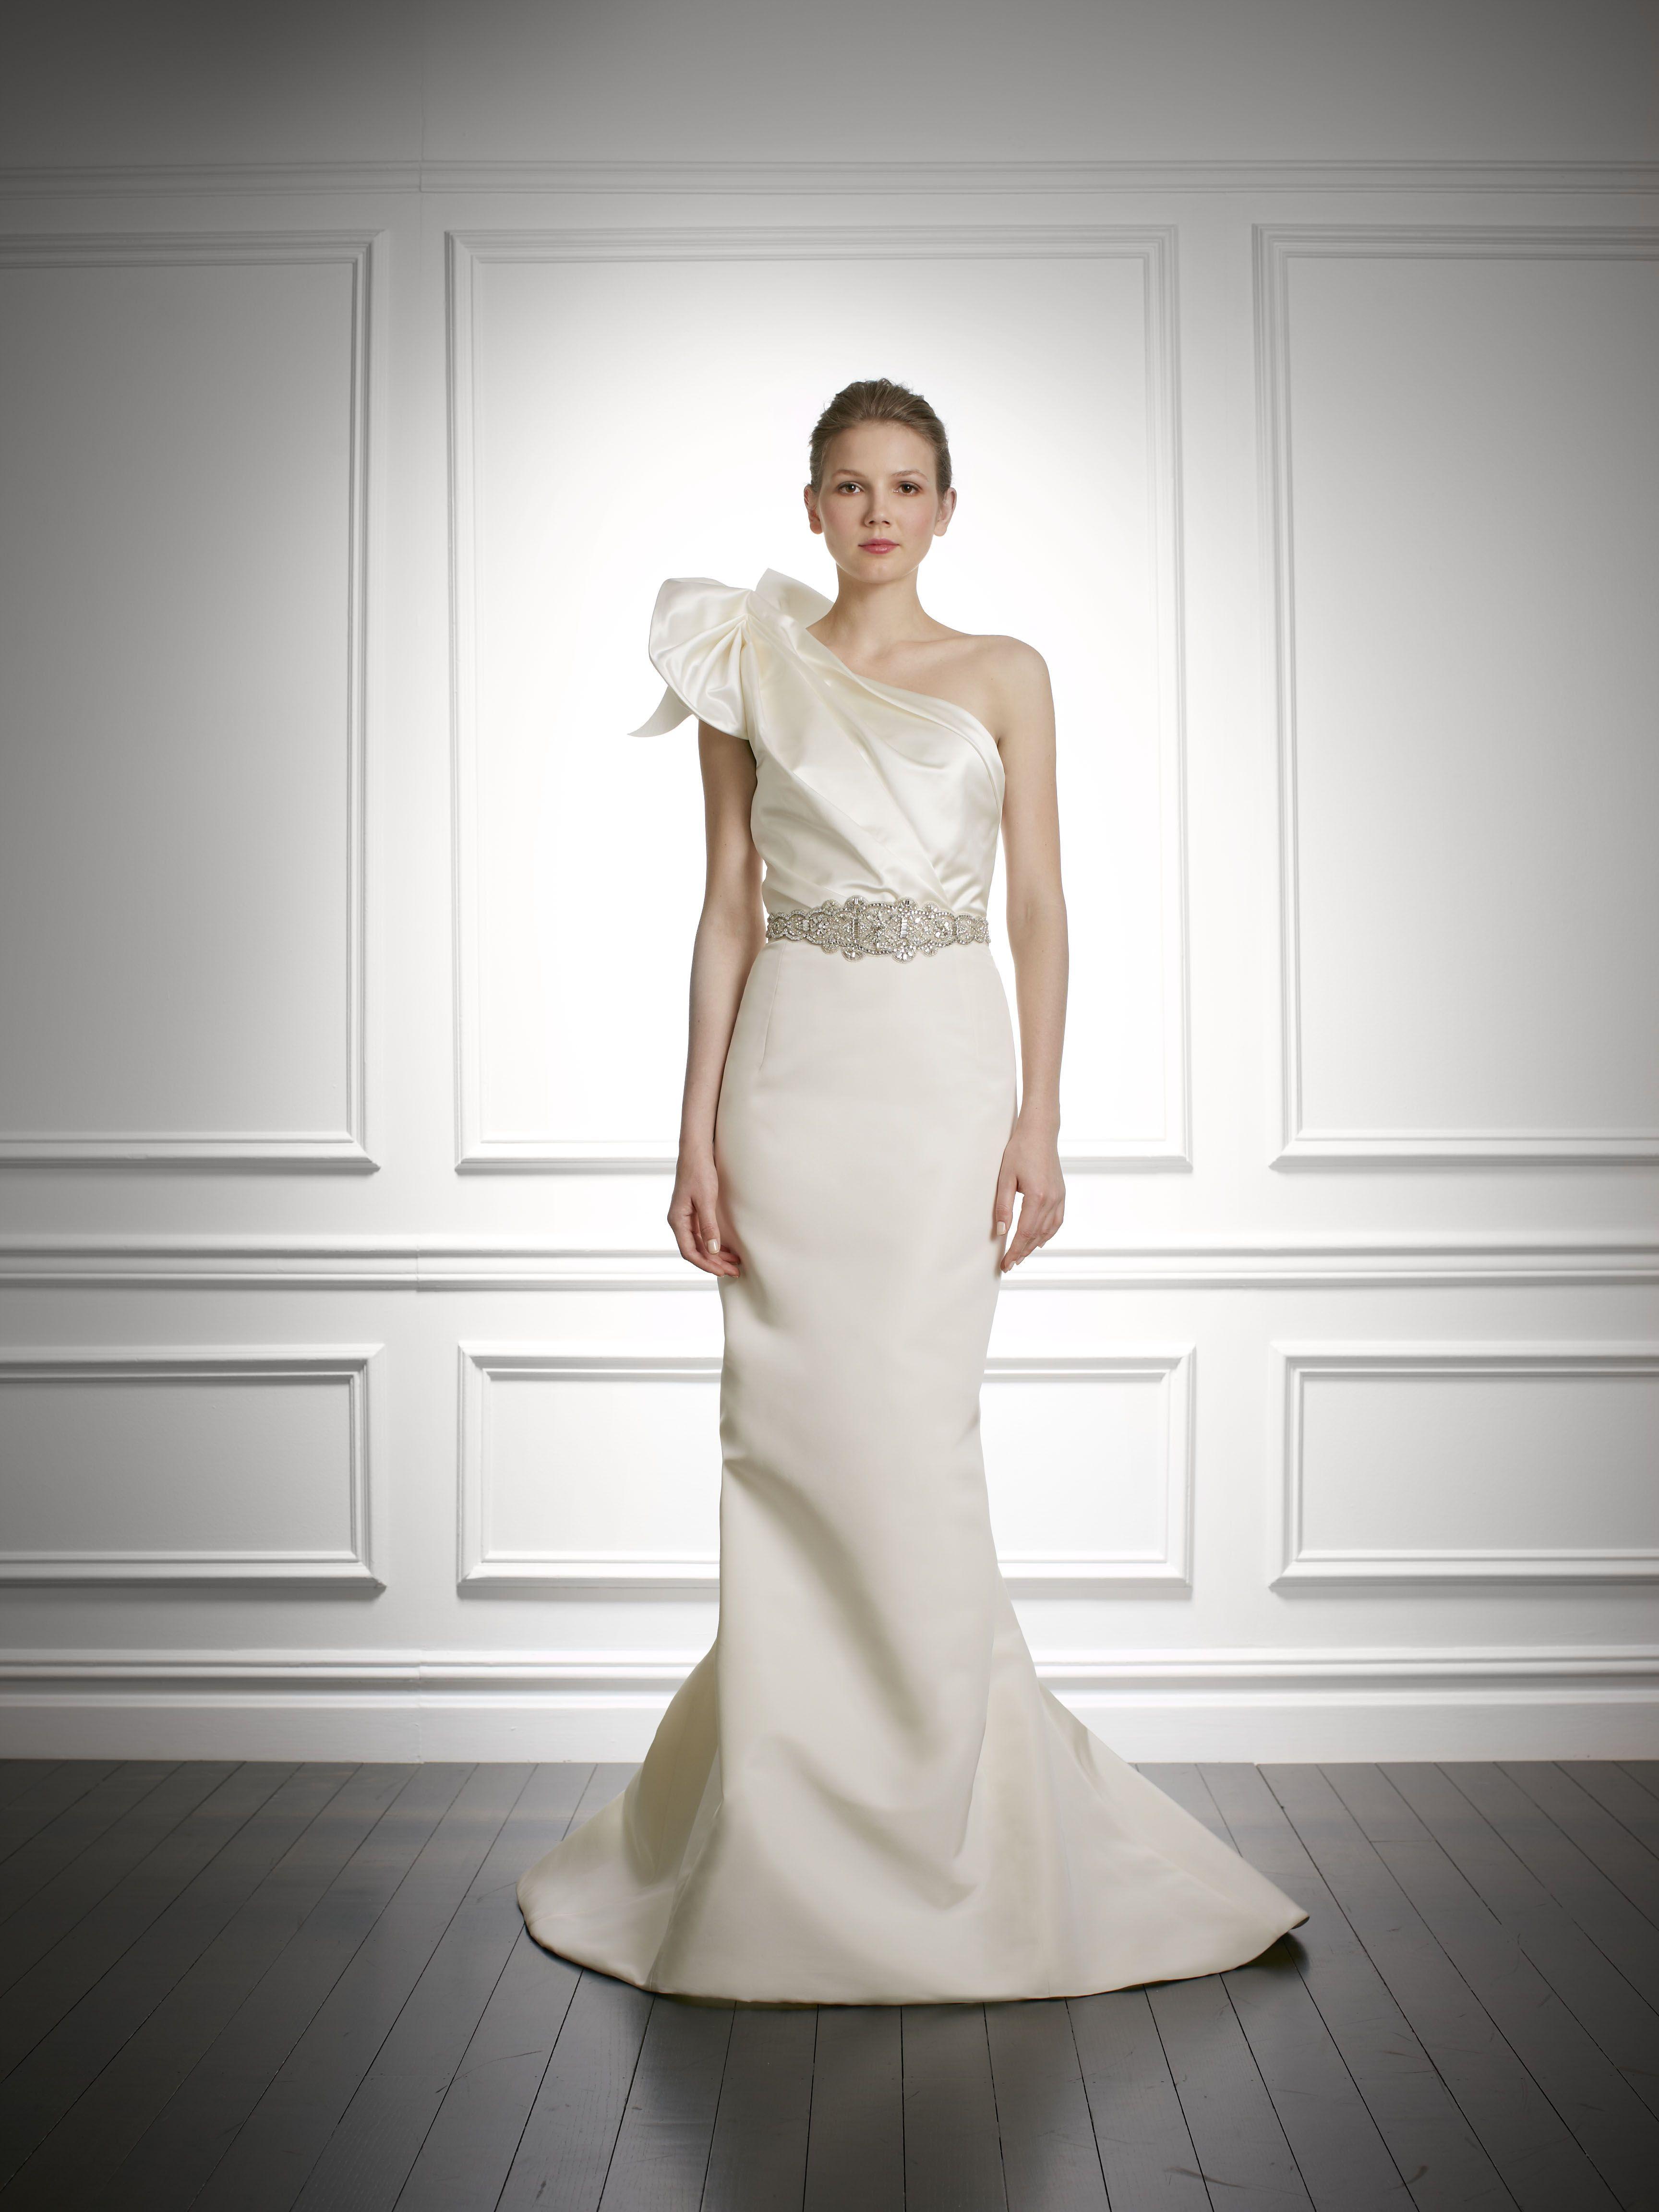 Jacqueline wedding gowns pinterest dress ideas wedding dress